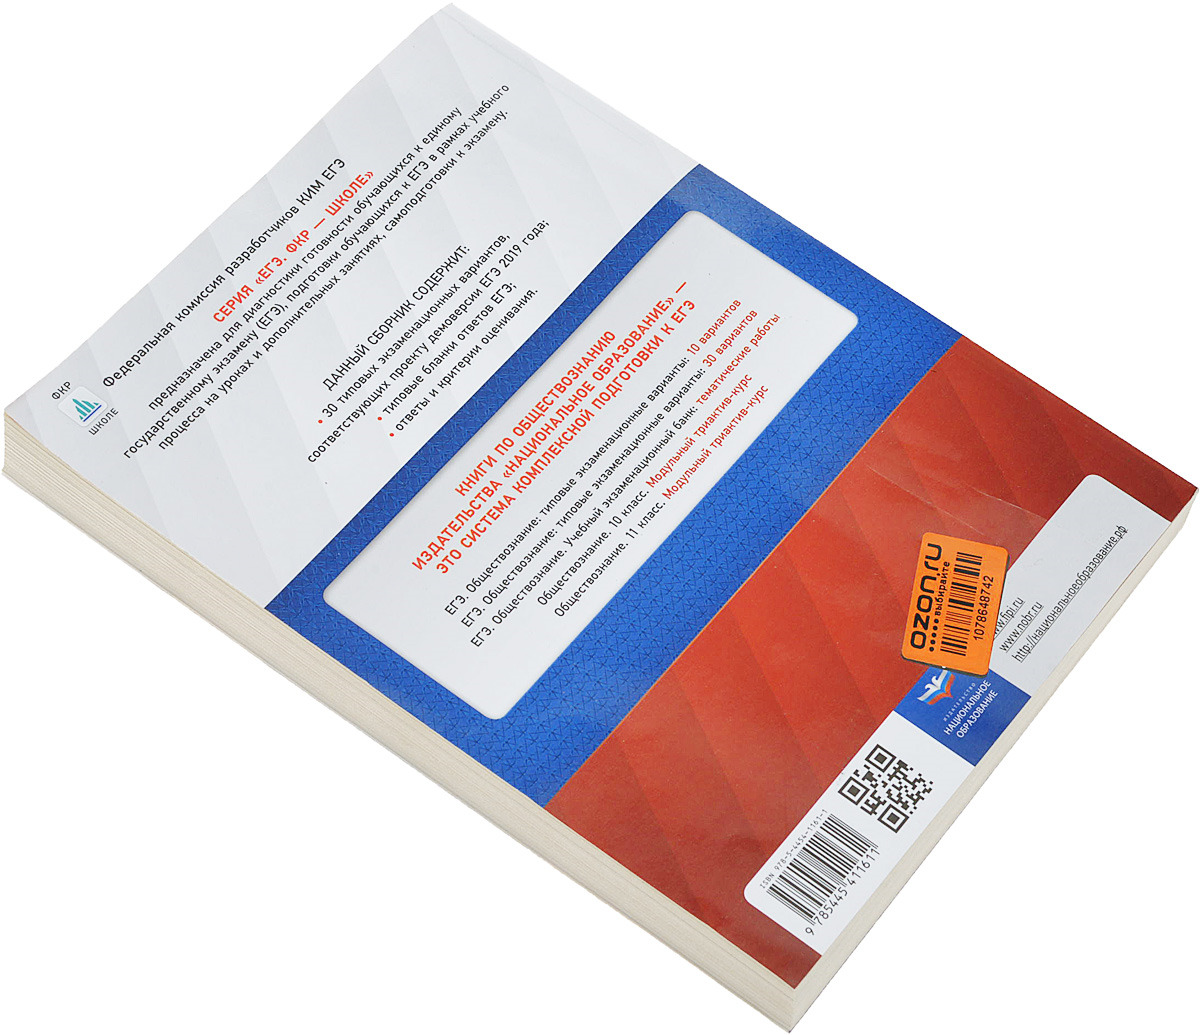 О. А. Котова, Т. Е. Лискова. ЕГЭ. Обществознание. Типовые экзаменационные варианты. 30 вариантов